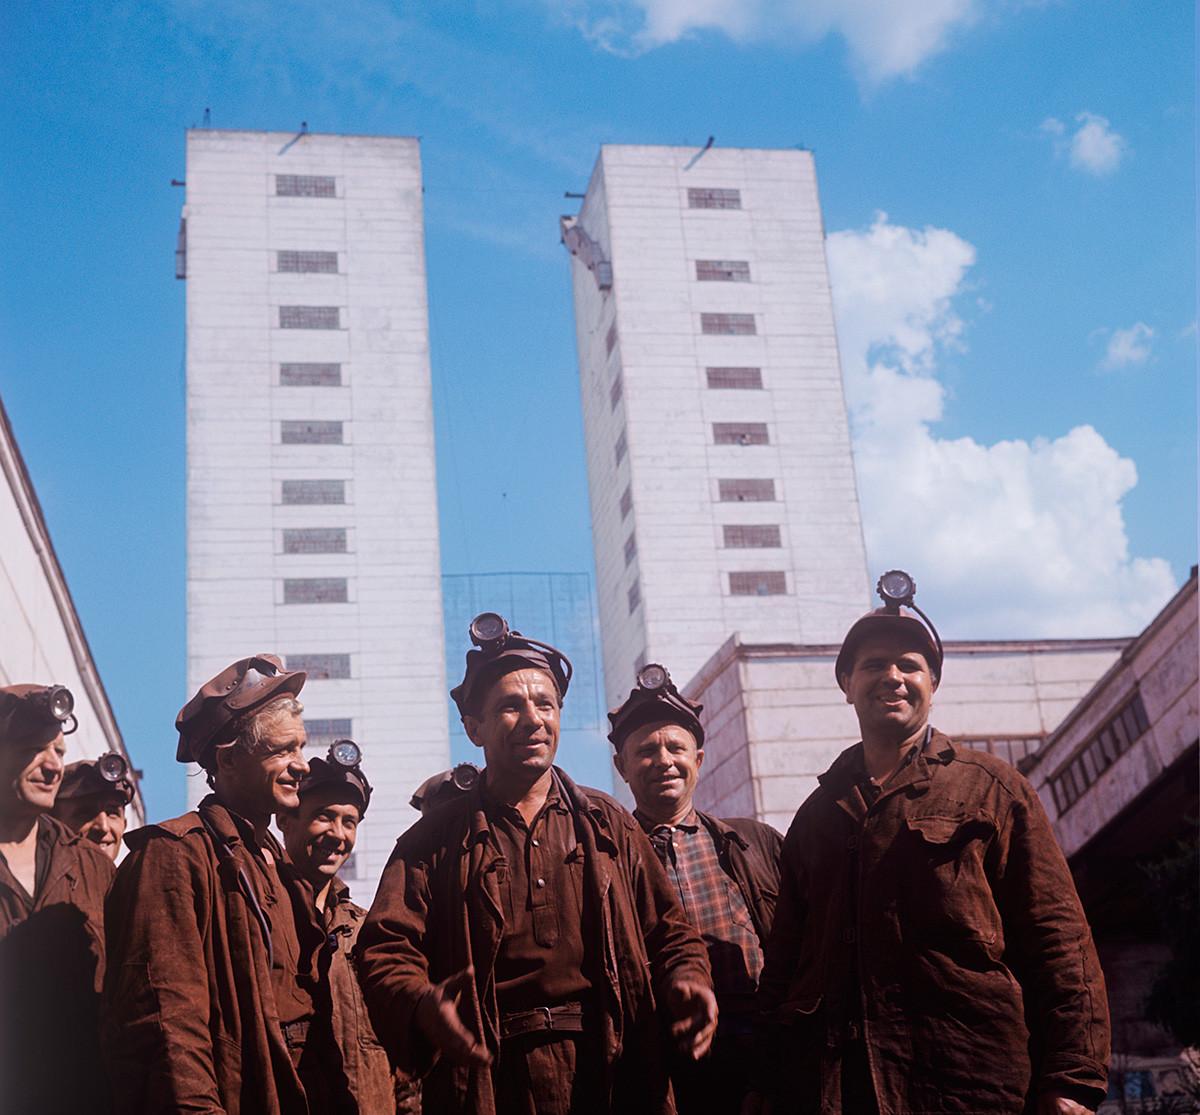 Екипа рудара Гардијског рудника у Кривом Рогу, 1970.